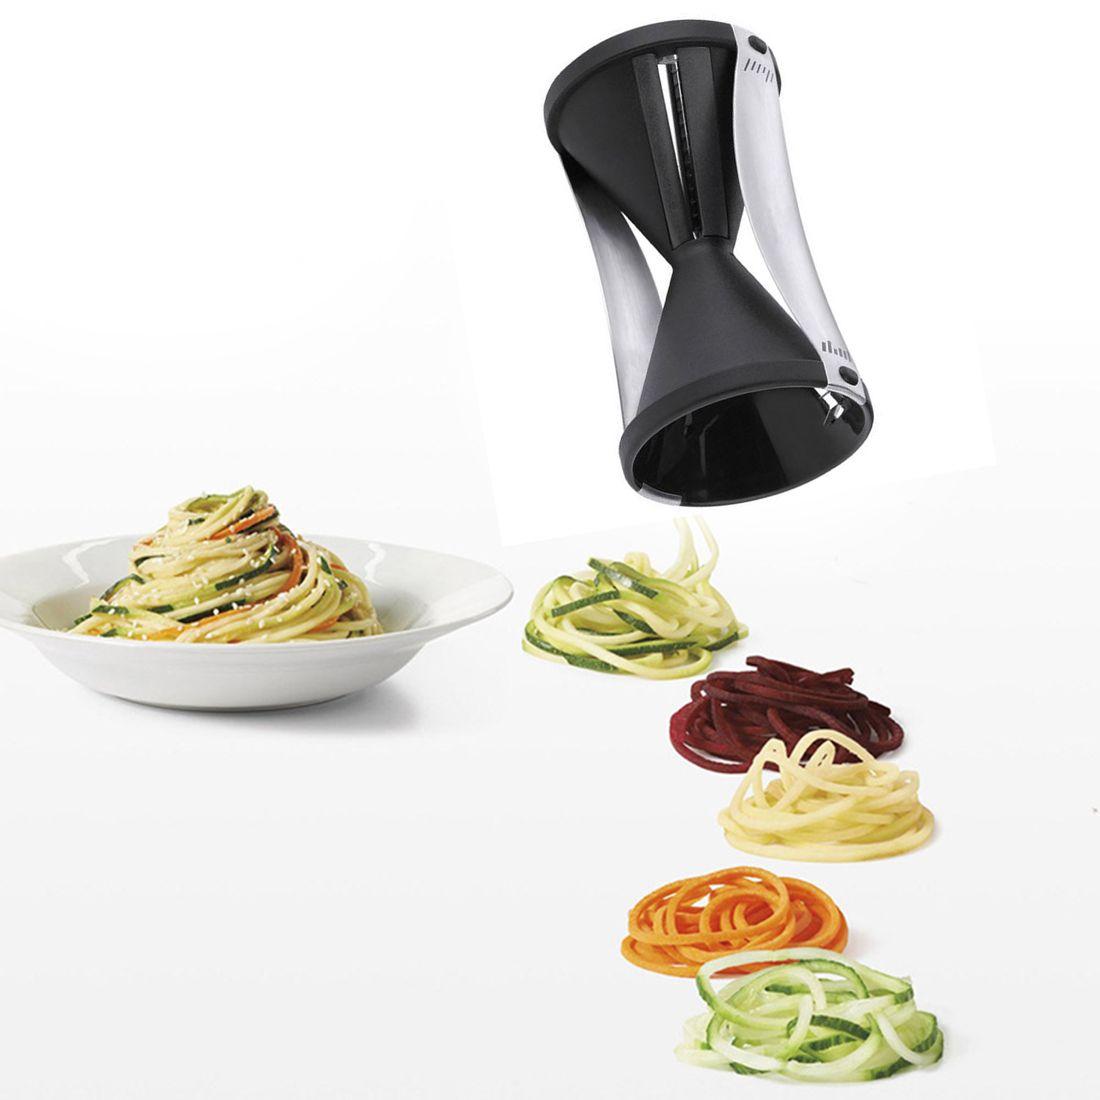 Fashion Spiral Vegetable Slicer Fruit Cutter Peeler Kitchen Twister ...